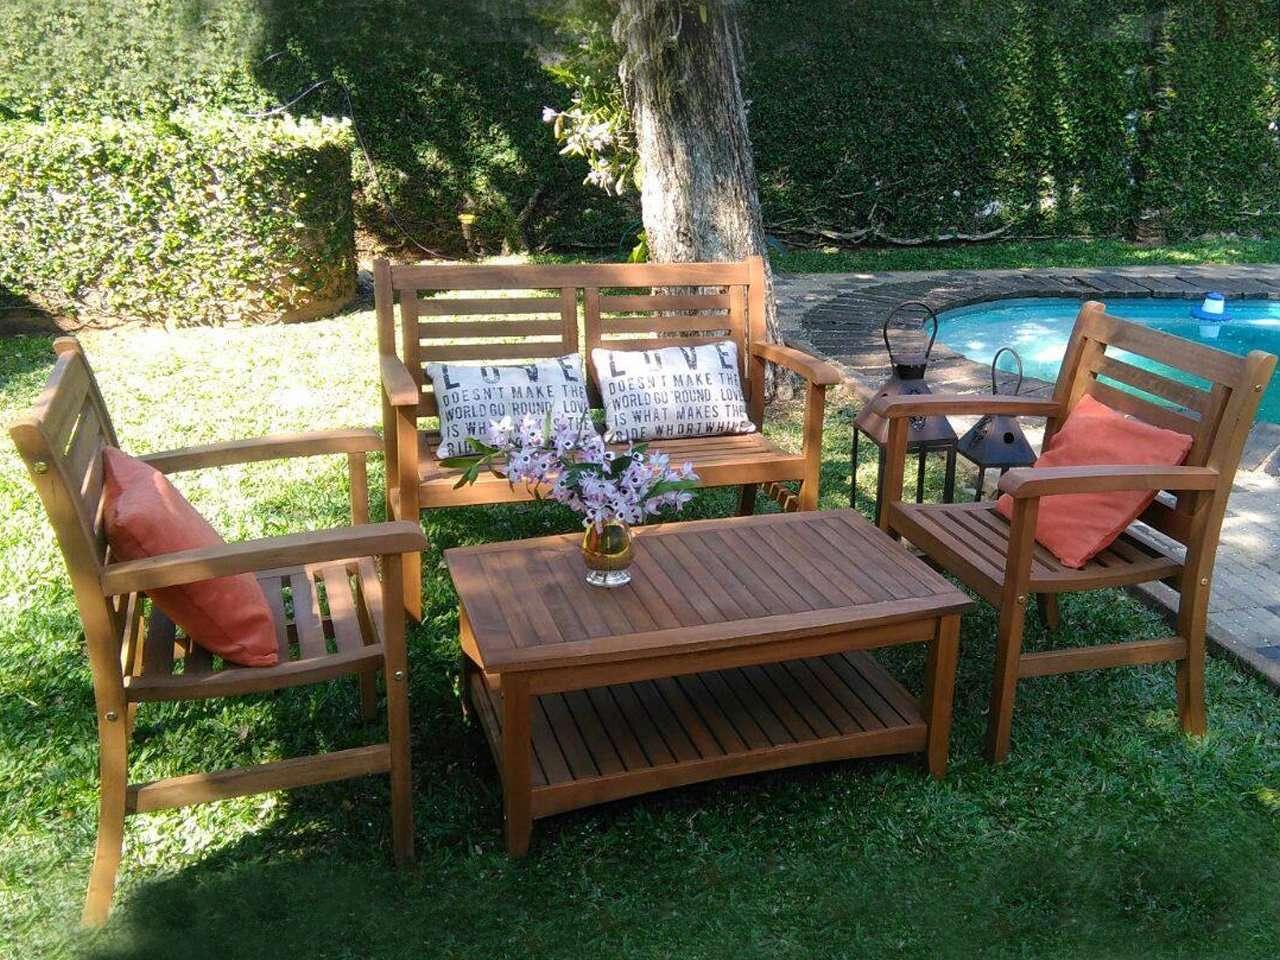 Galer A Fabrica De Muebles Forestry Muebles De Exterior # Muebles Cultivados